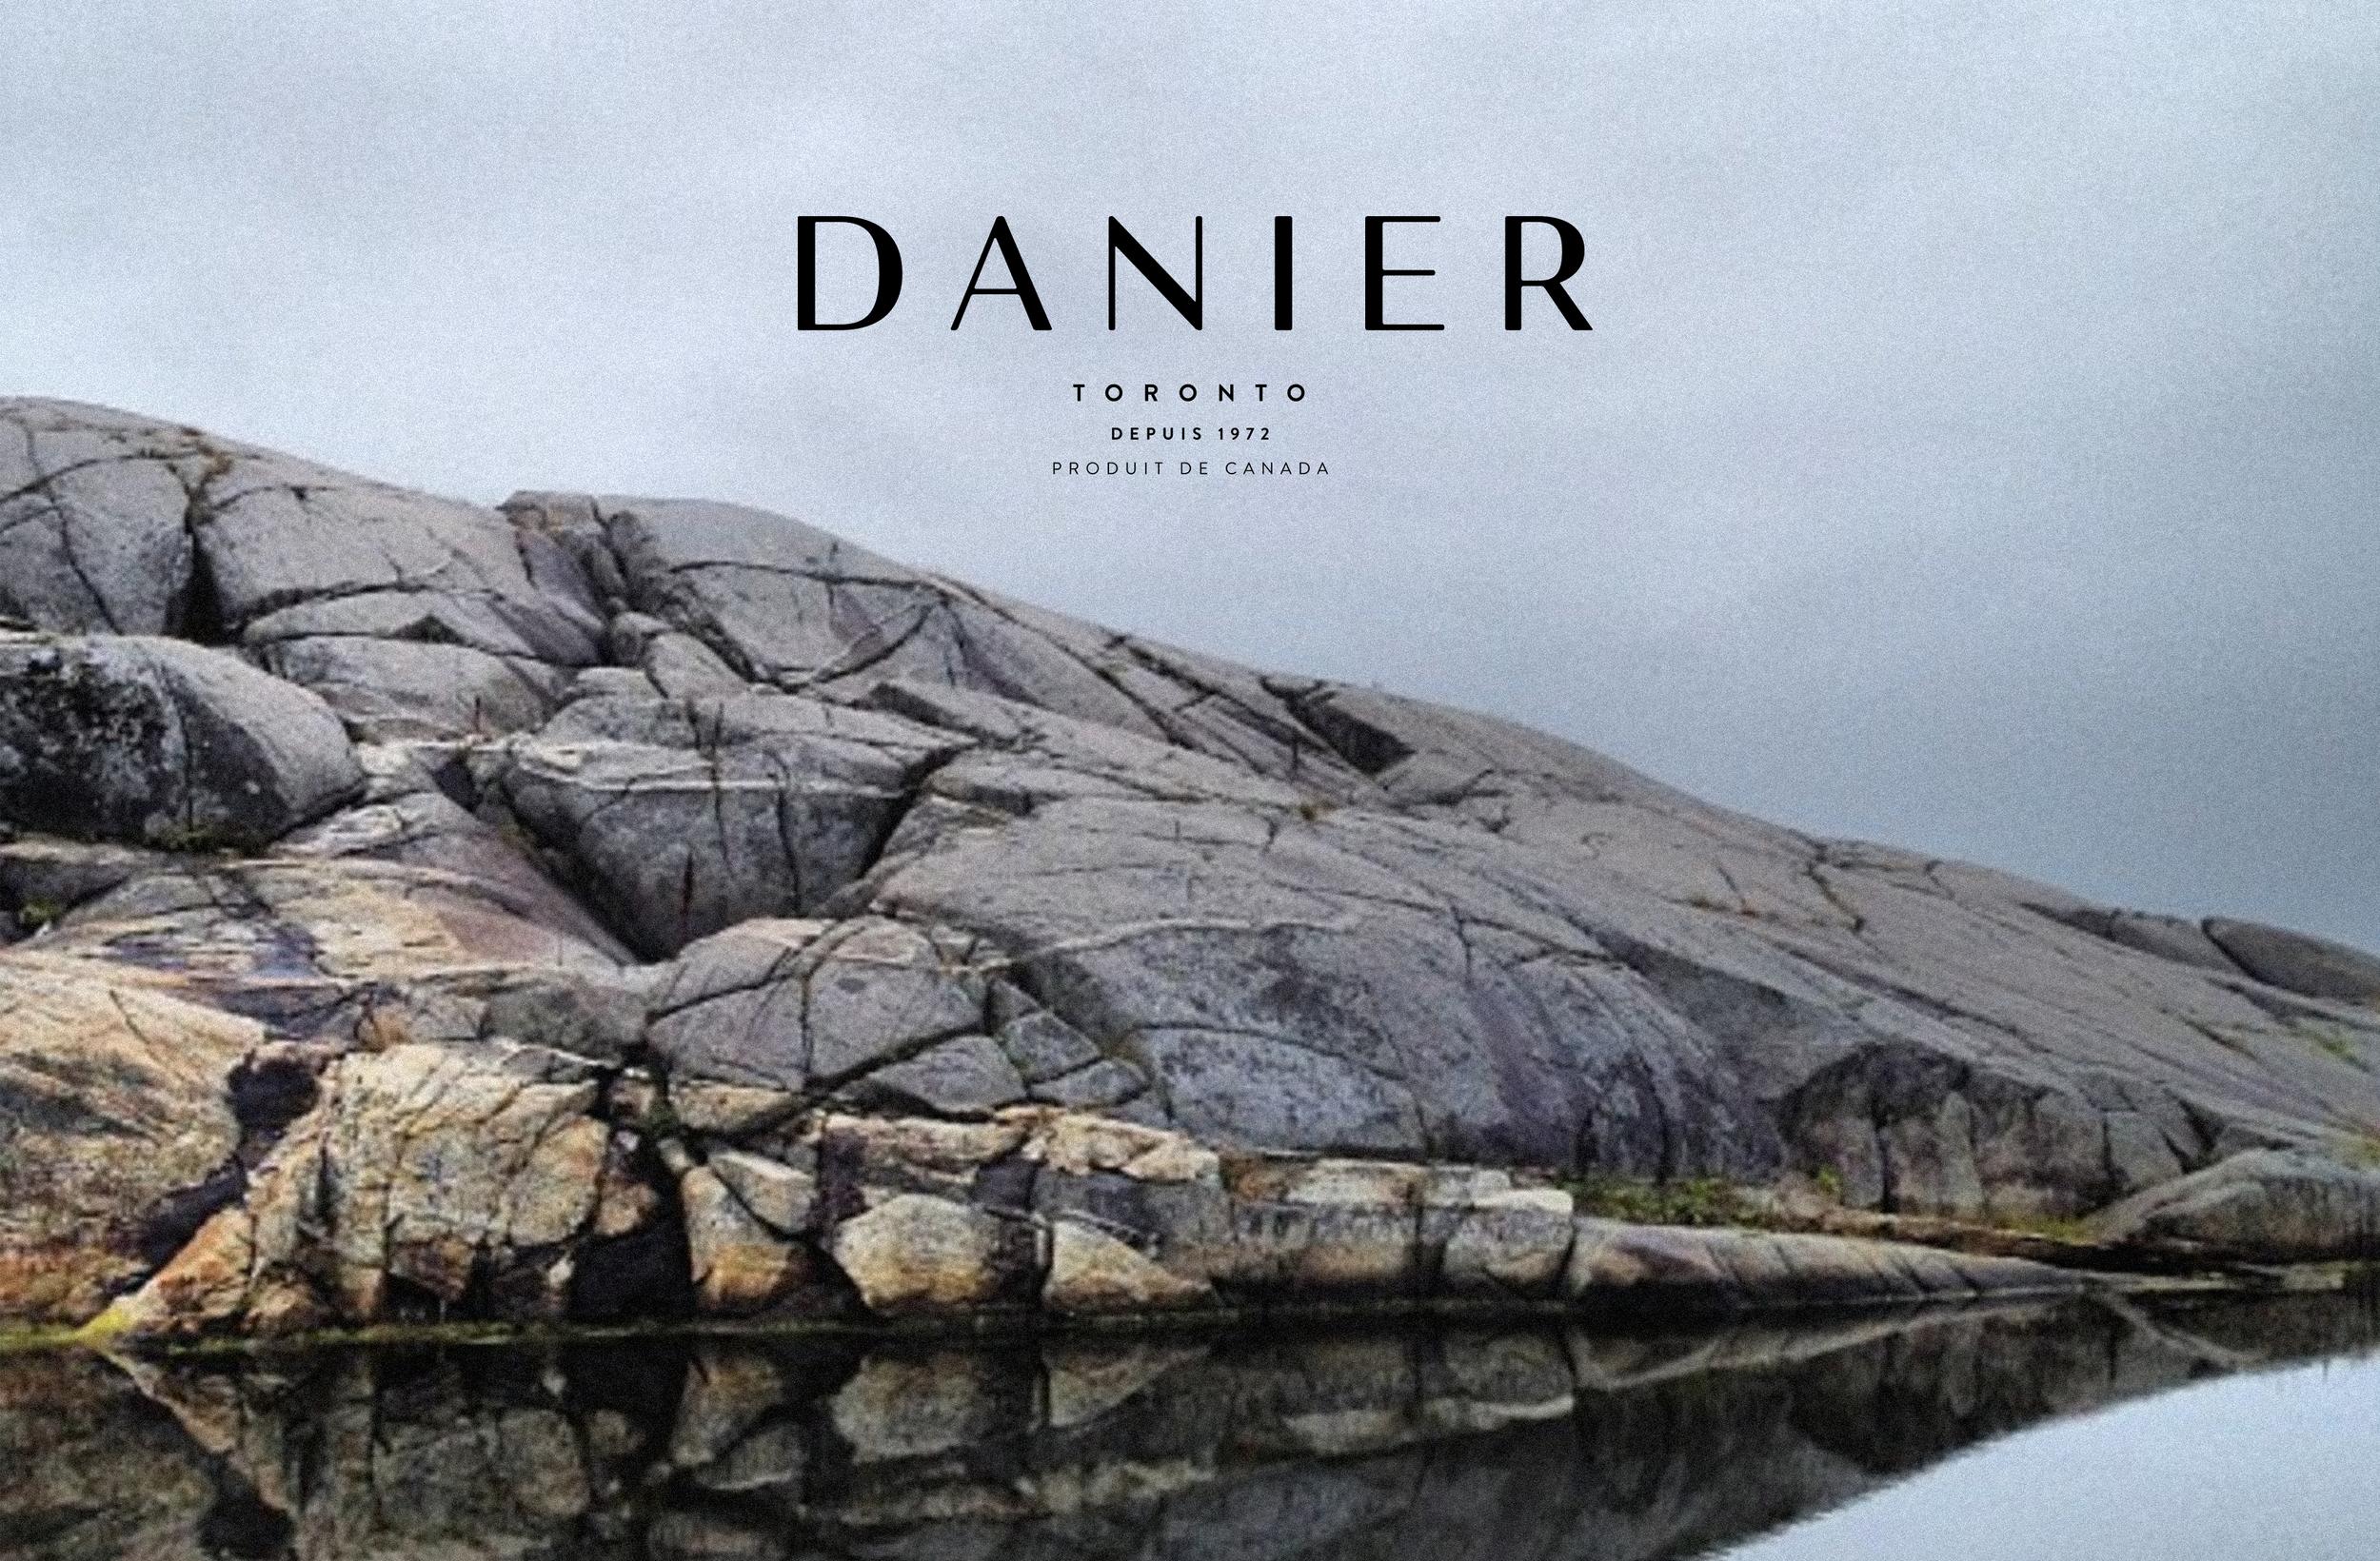 Danier_Image_1.png